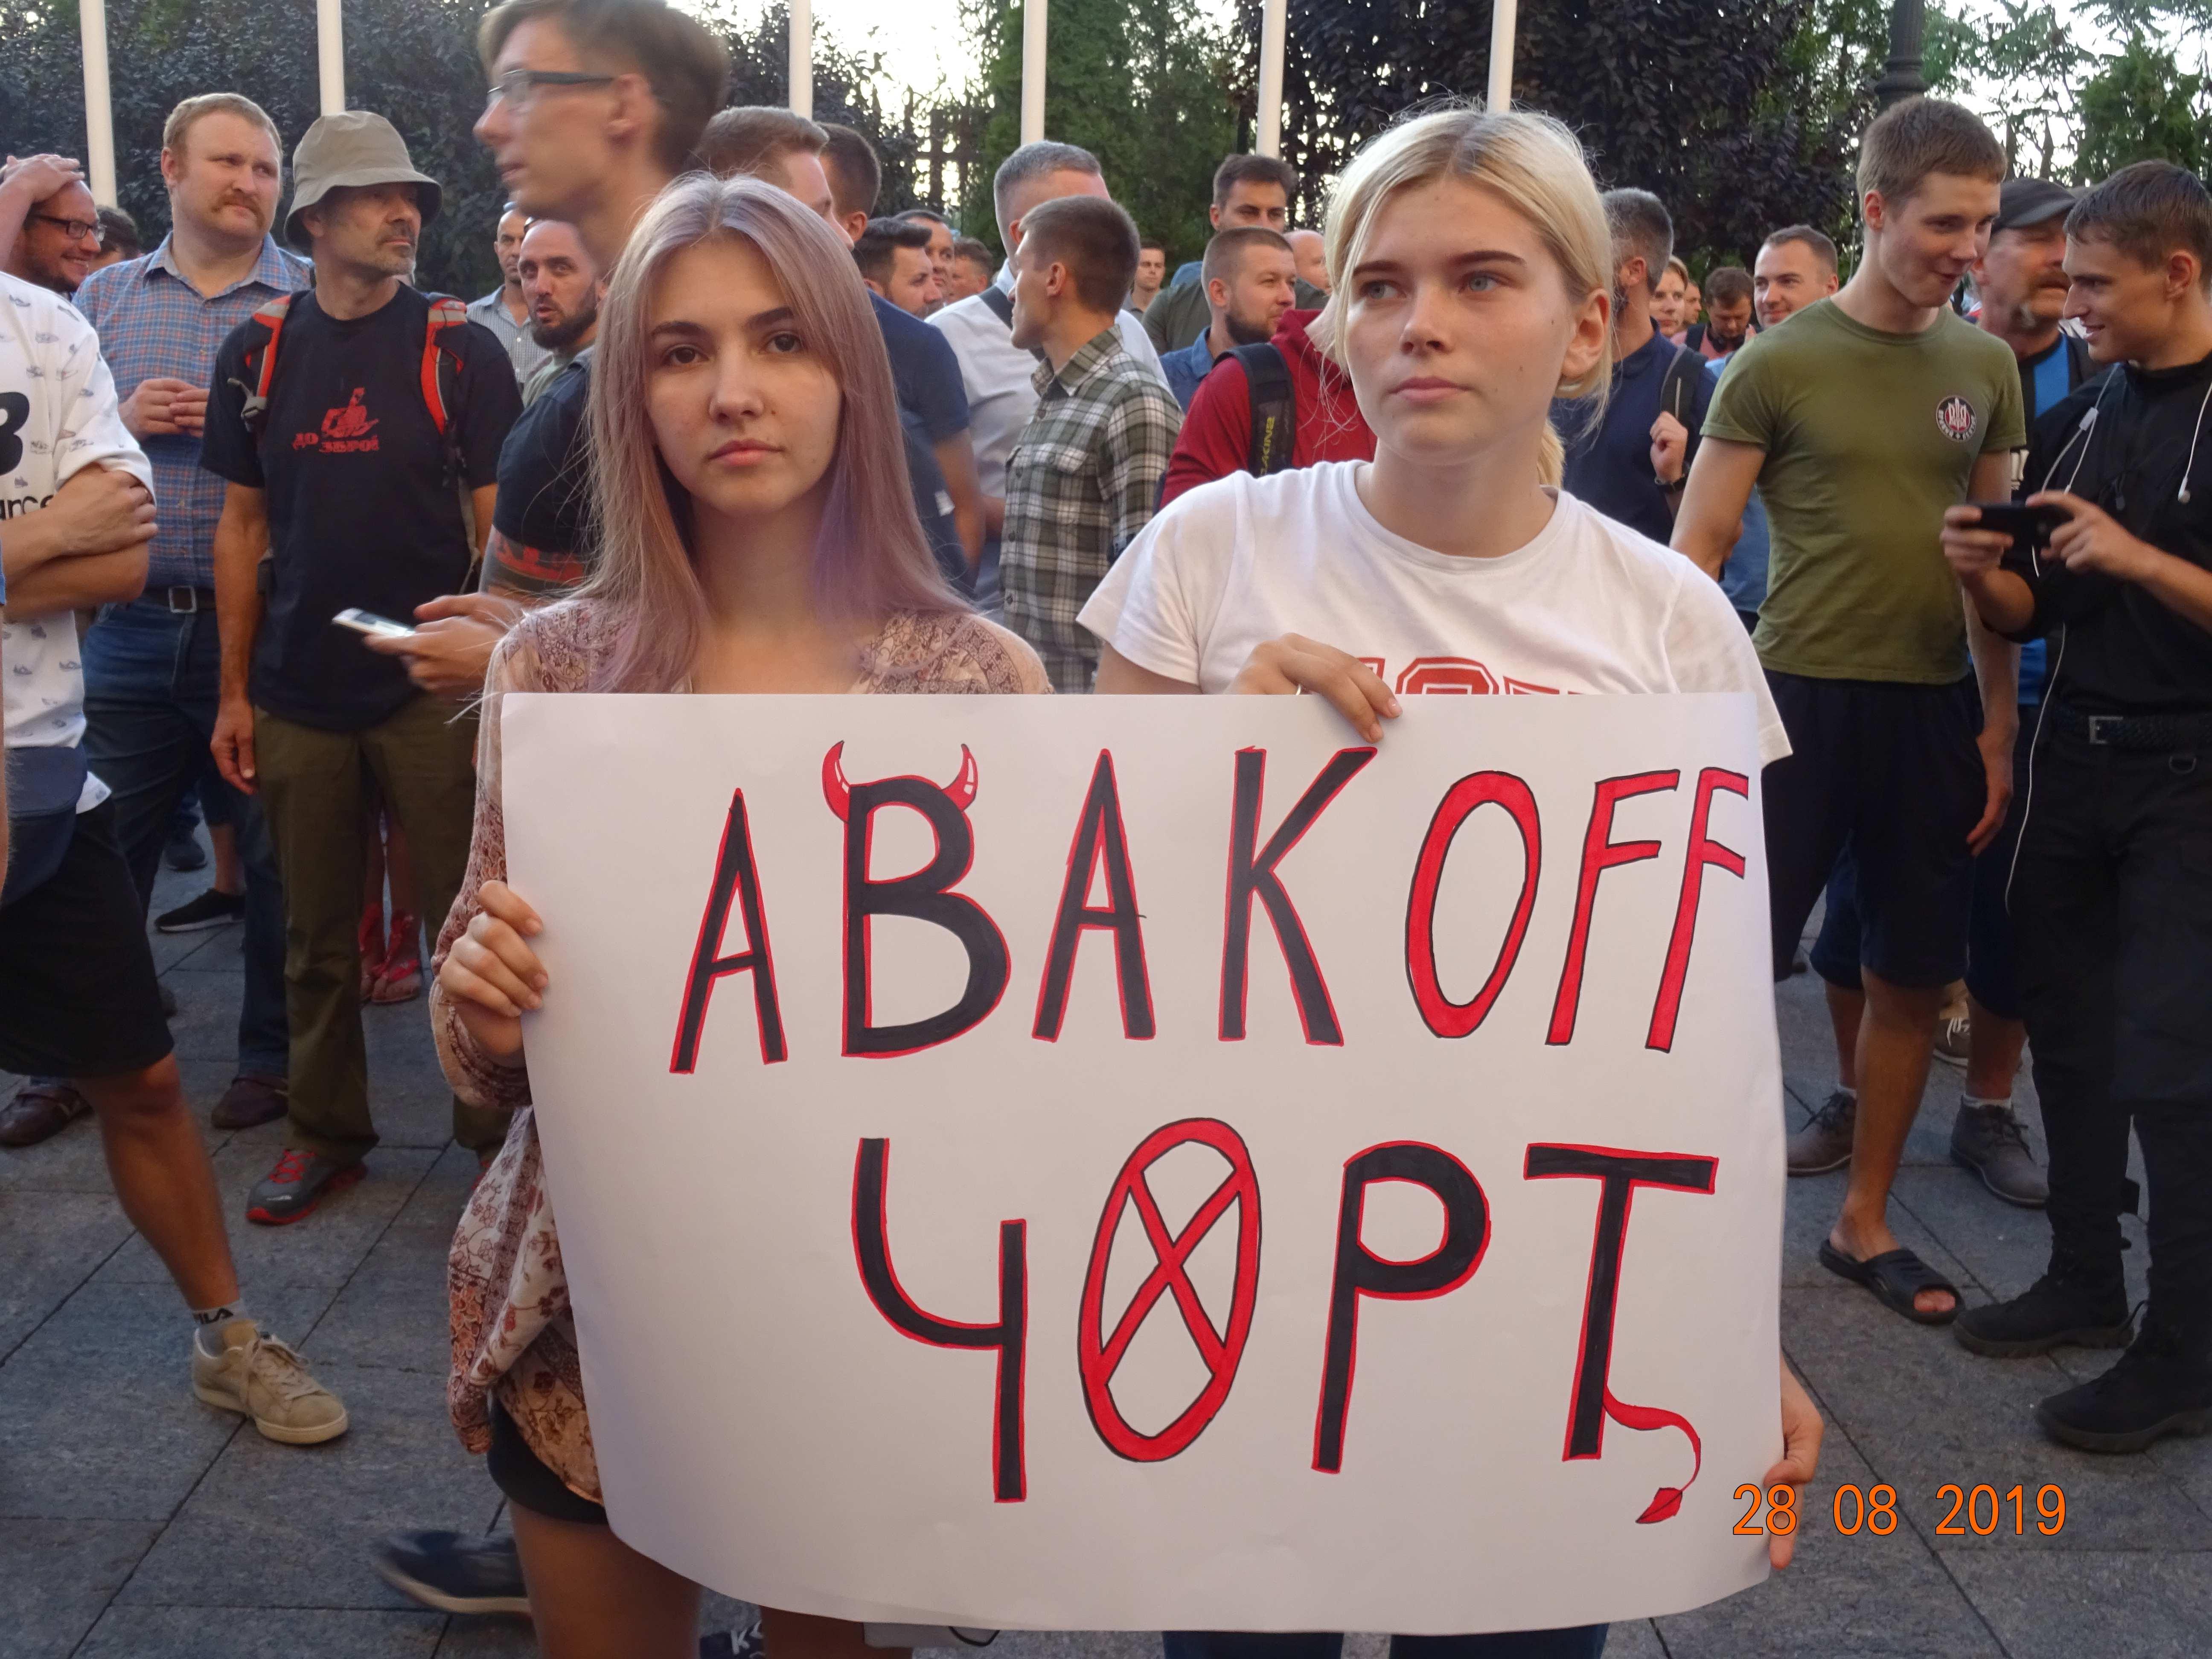 Avakov-Chort-Devil - Avakov-Chort-Devil-image009.jpg